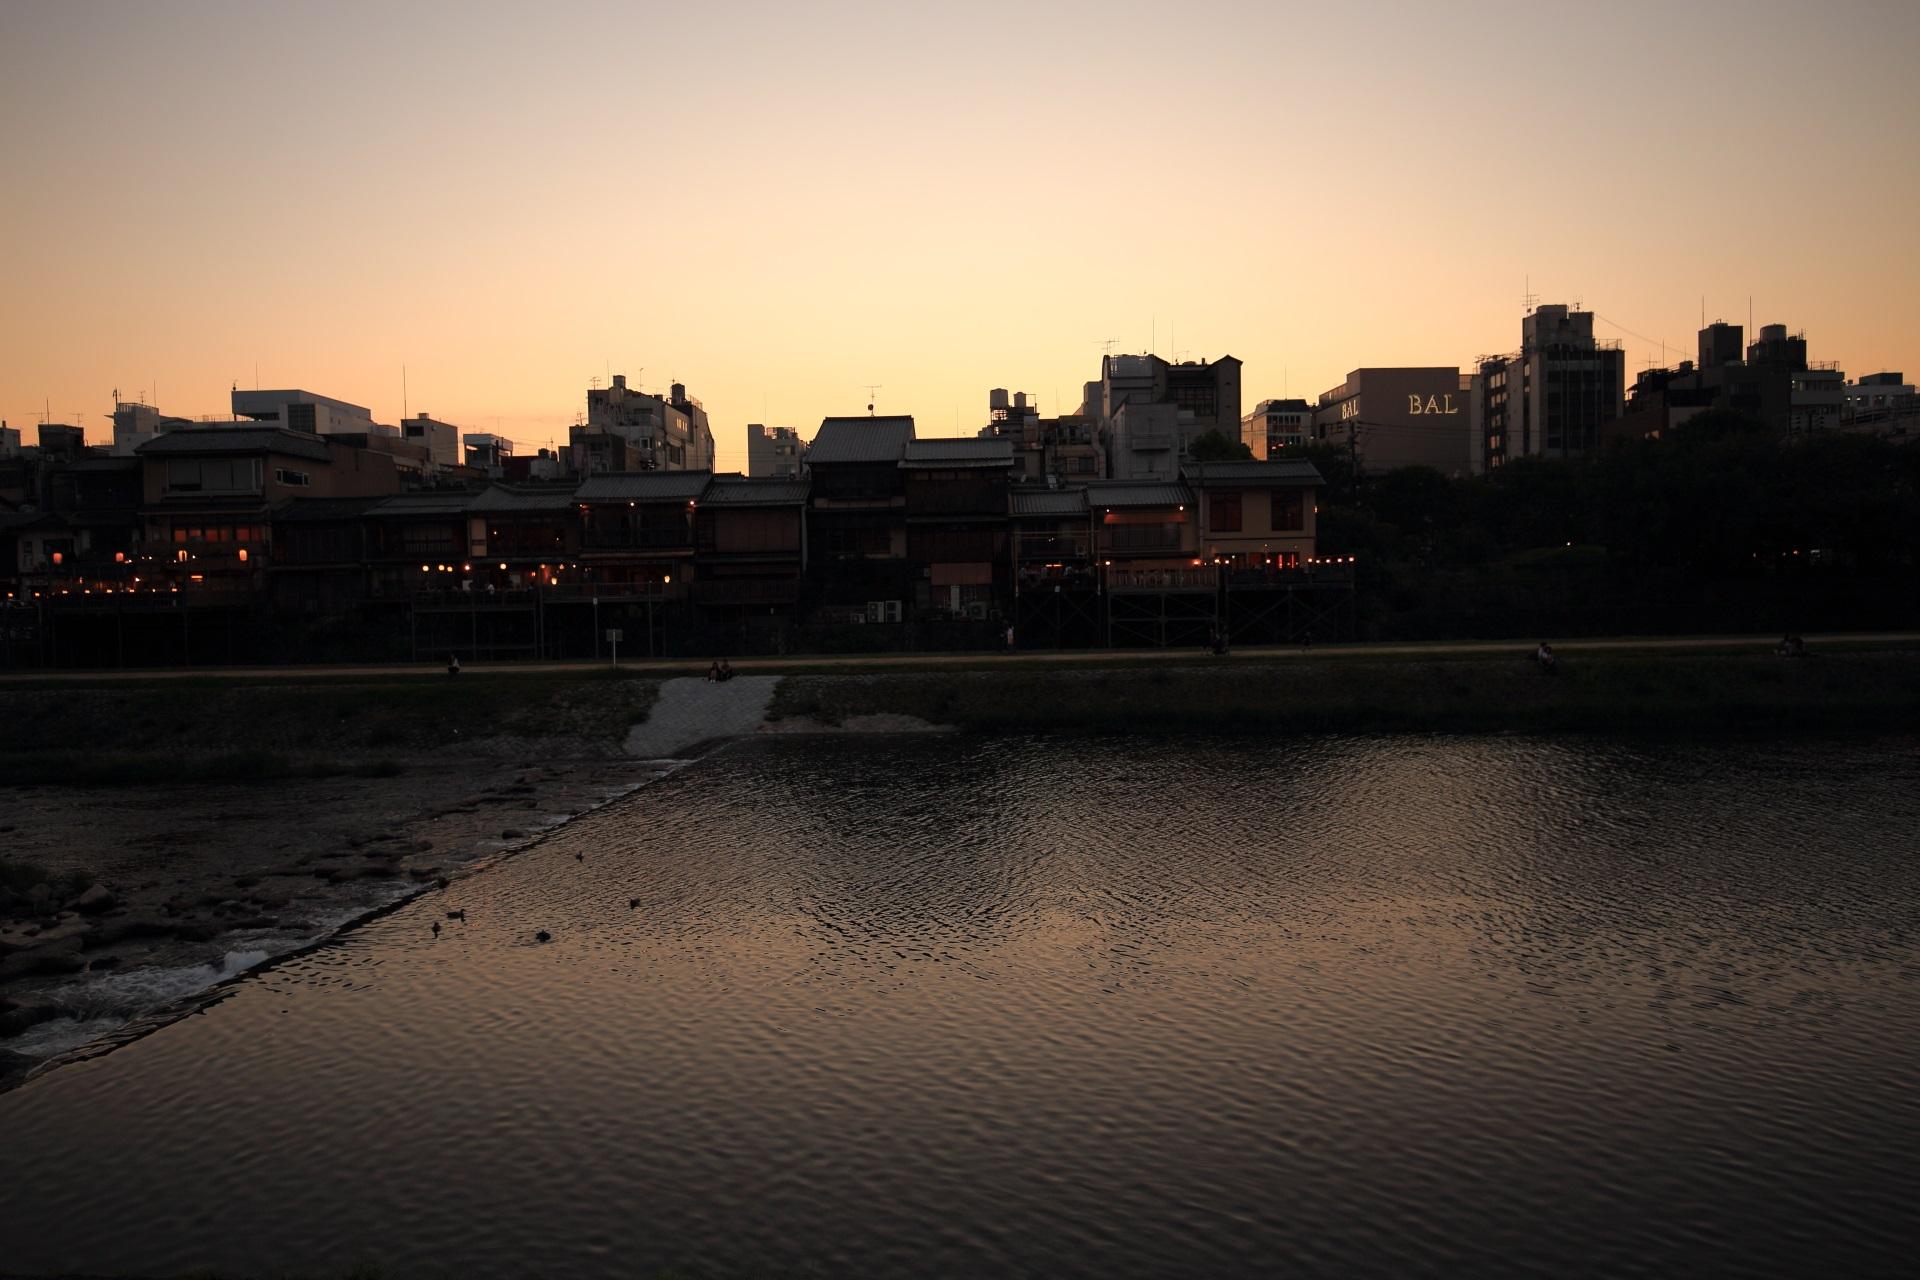 ほのかな夕焼けの鴨川